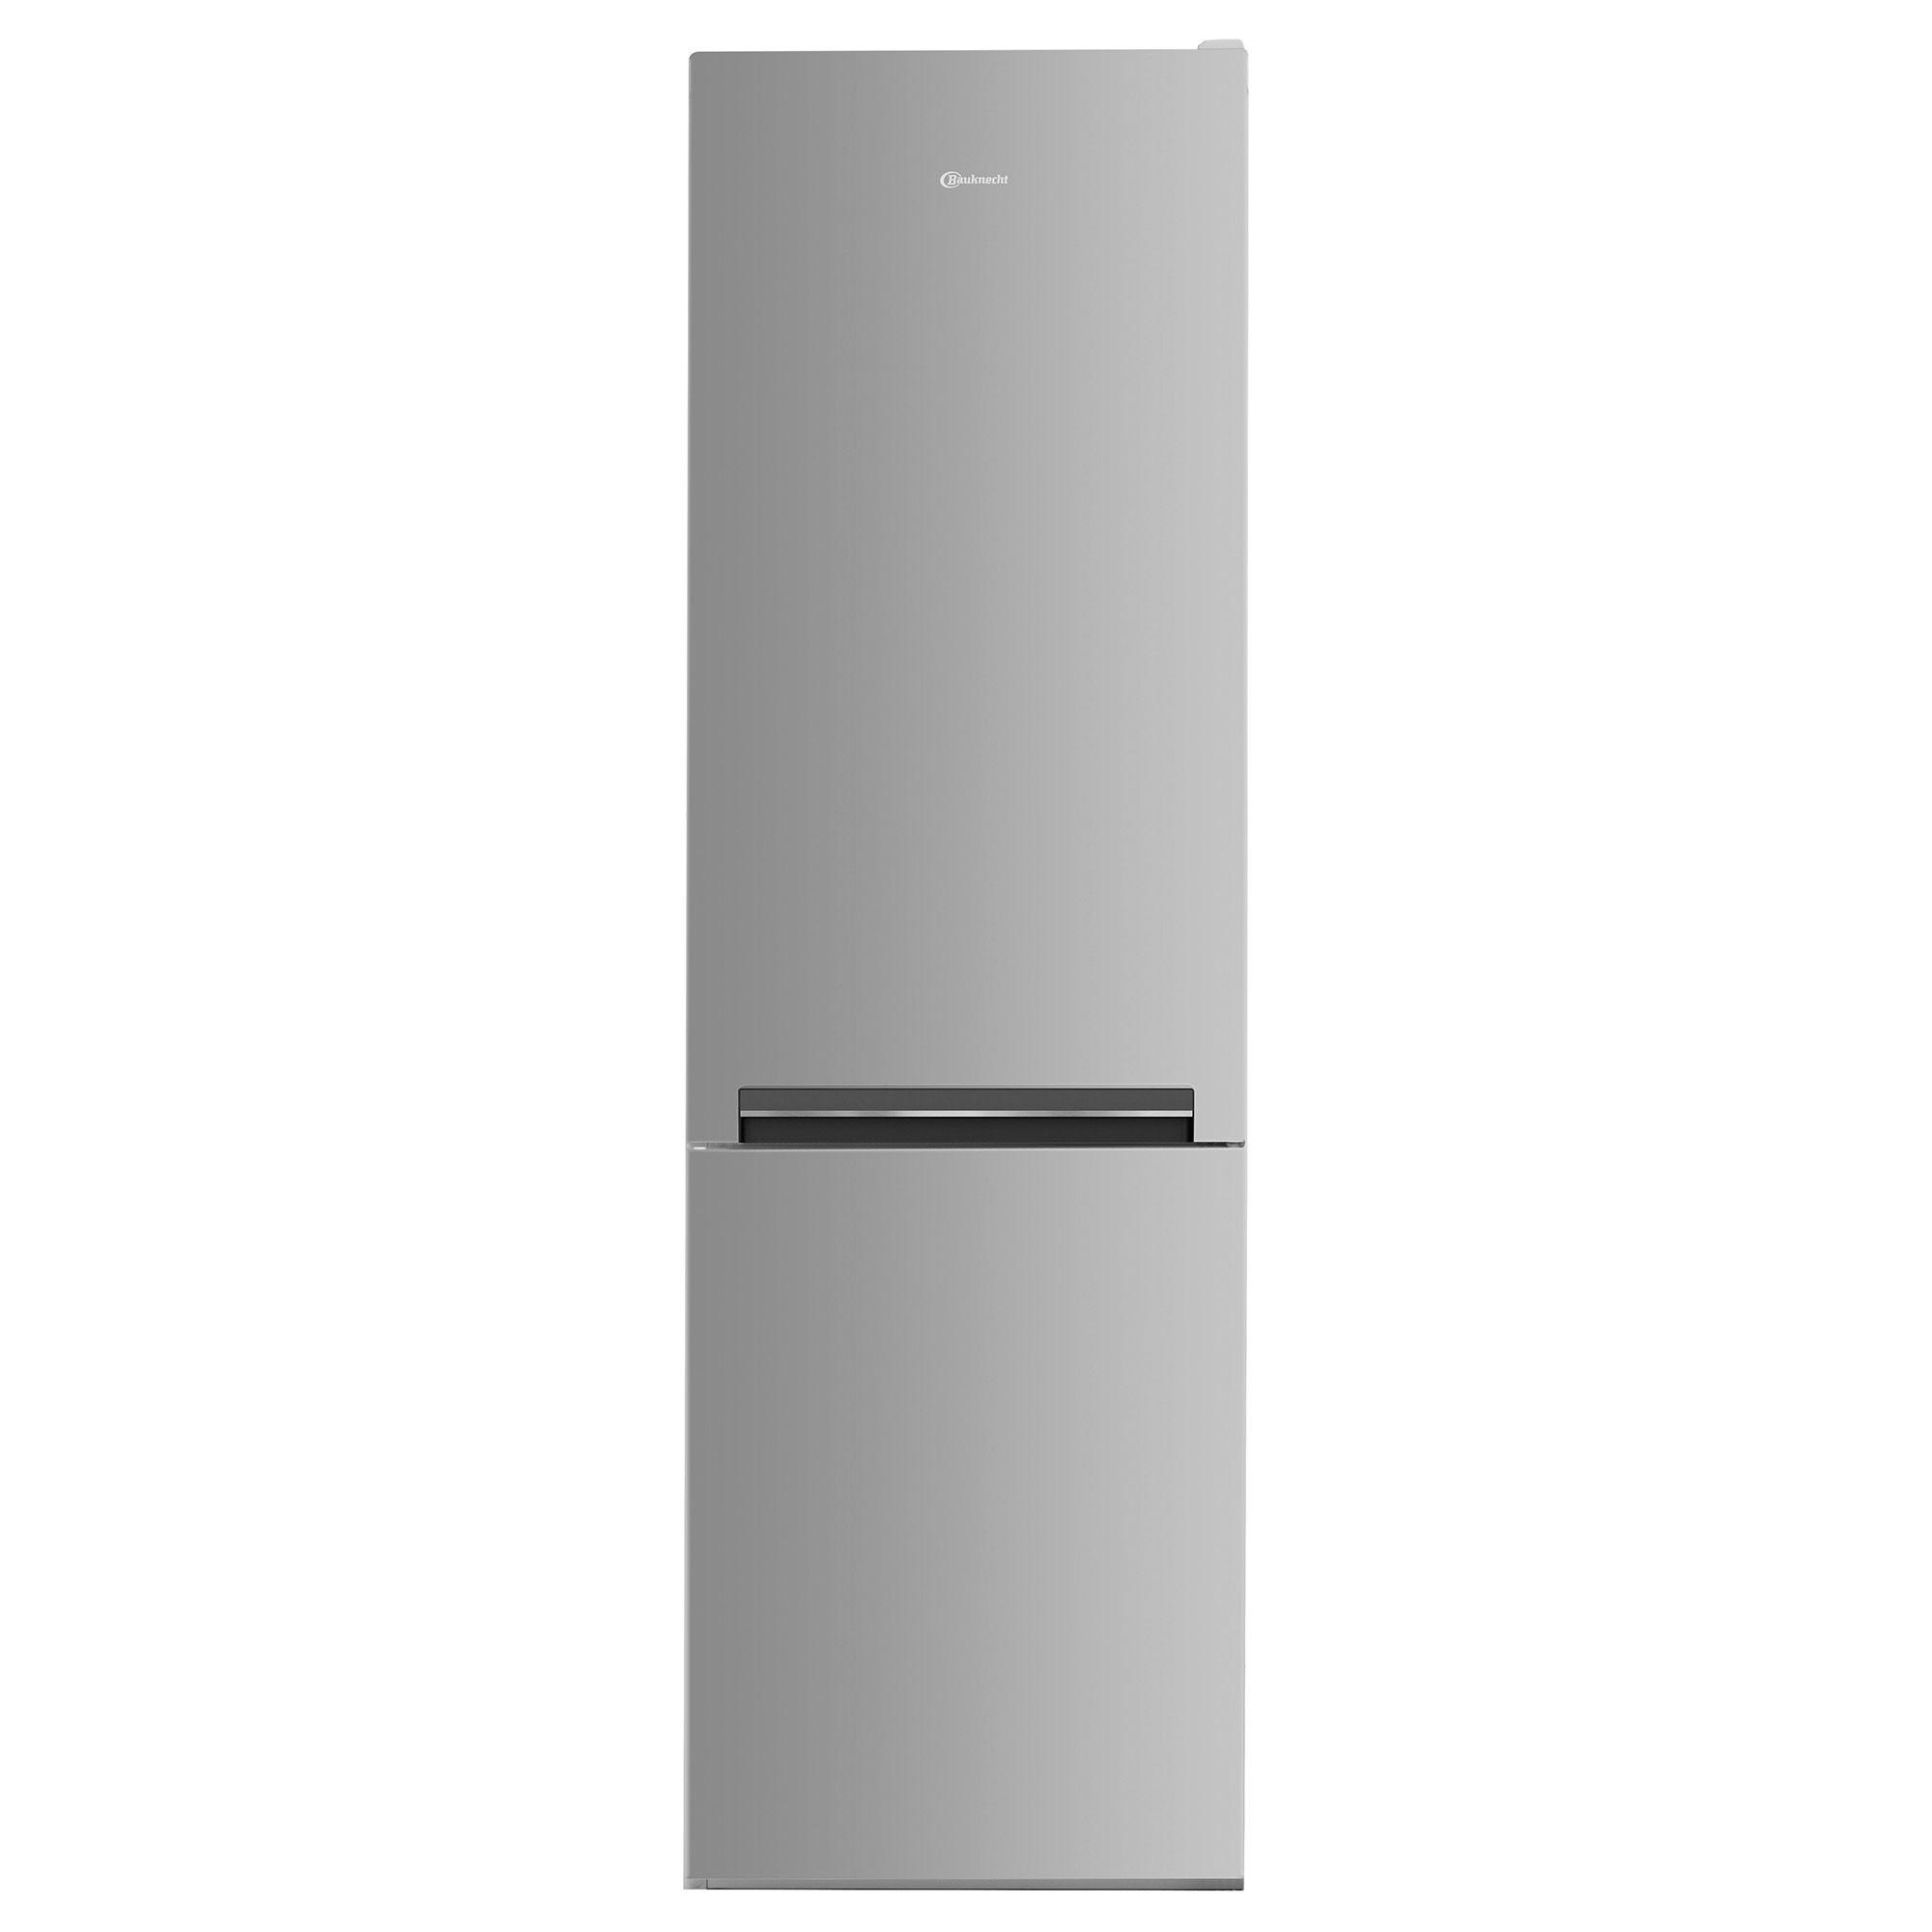 Kühlschränke & Gefrierschränke kaufen — QVC